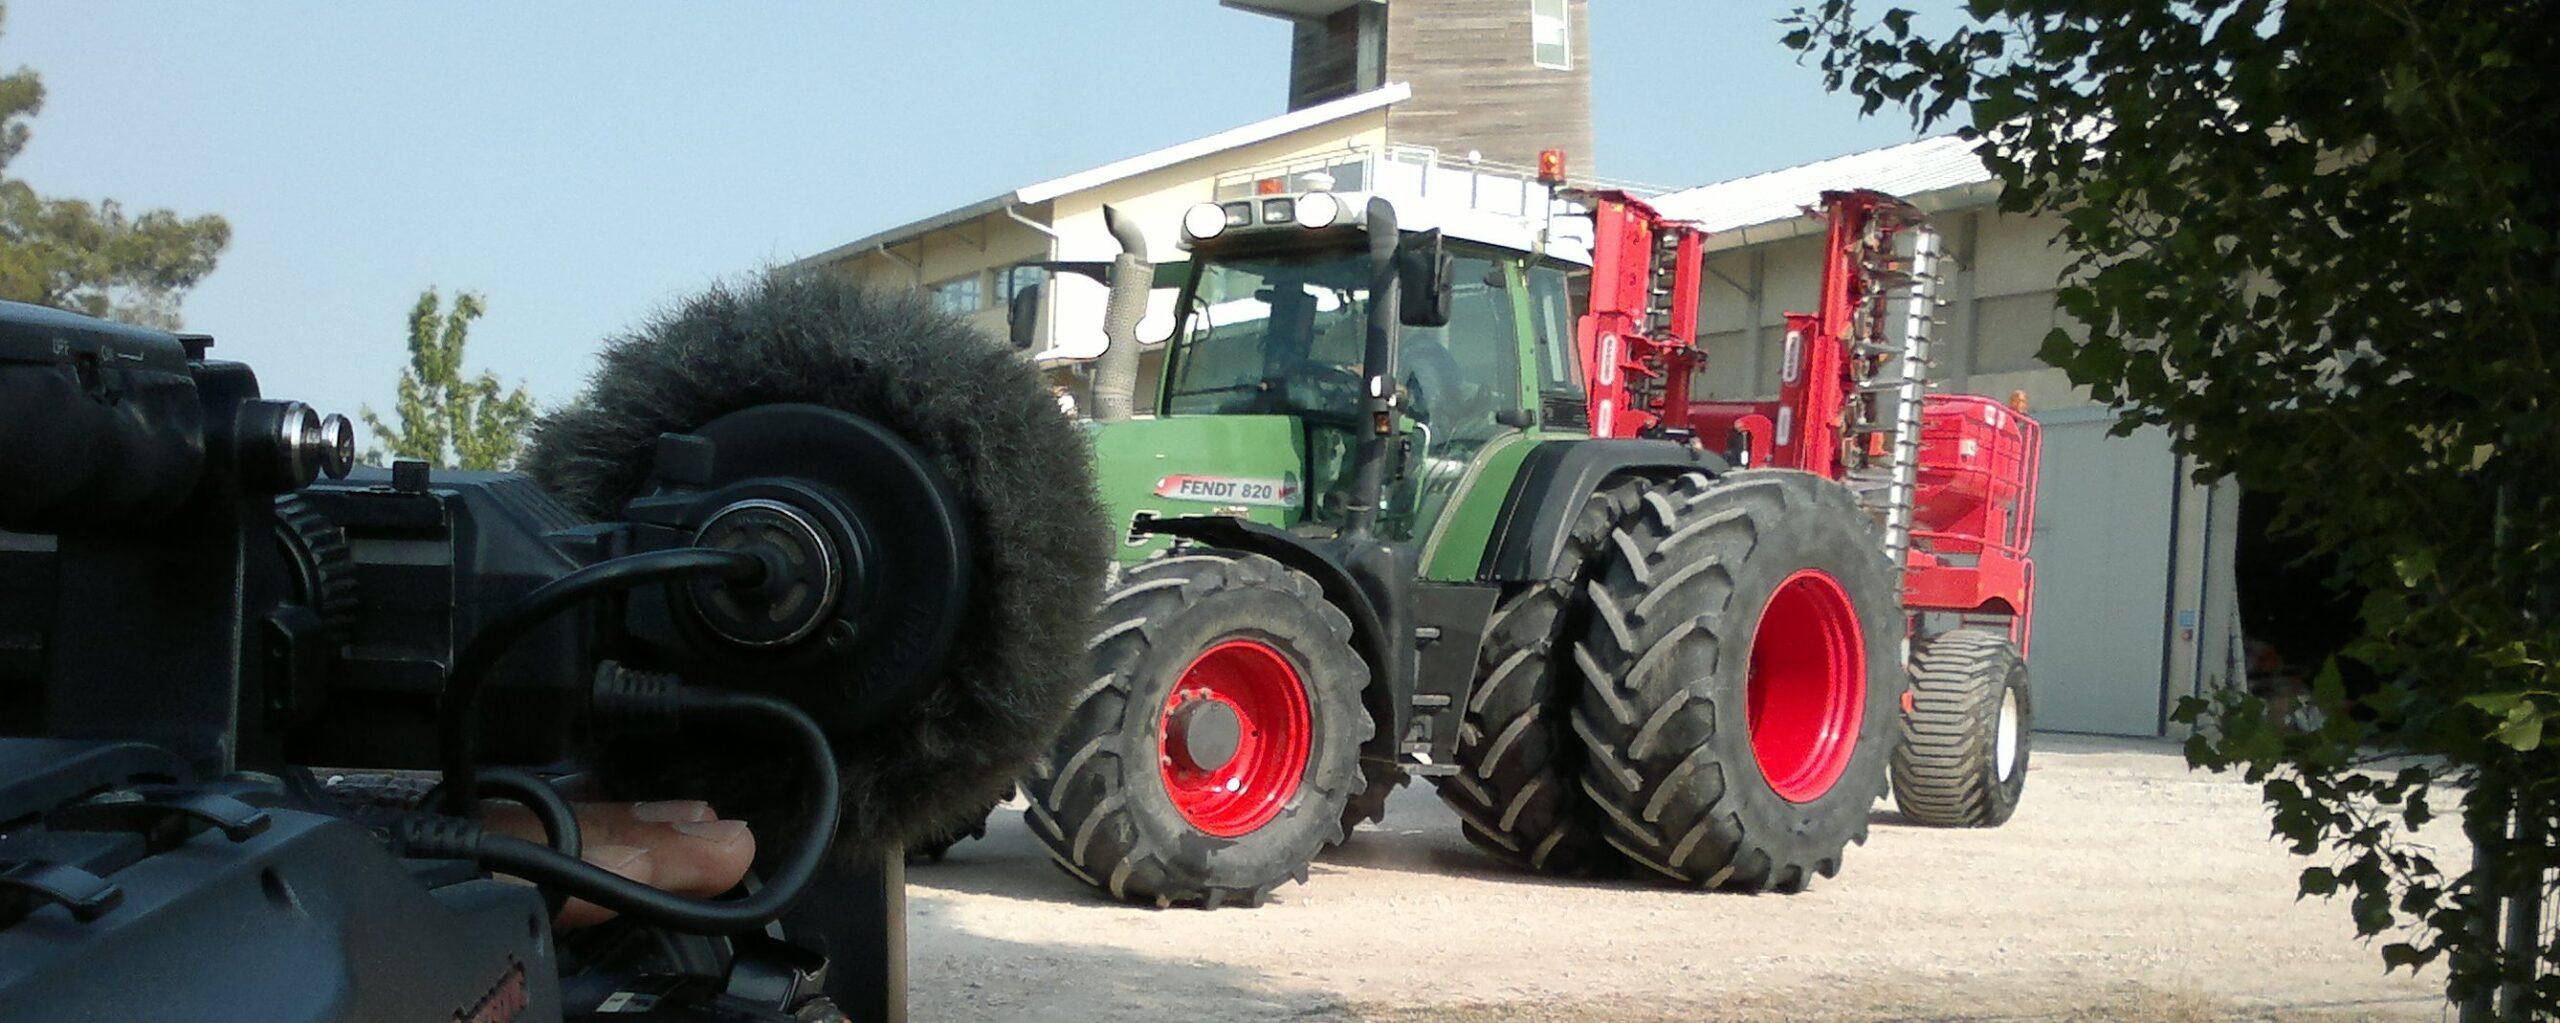 2021 Buone prospettive per mercato Macchine Agricole